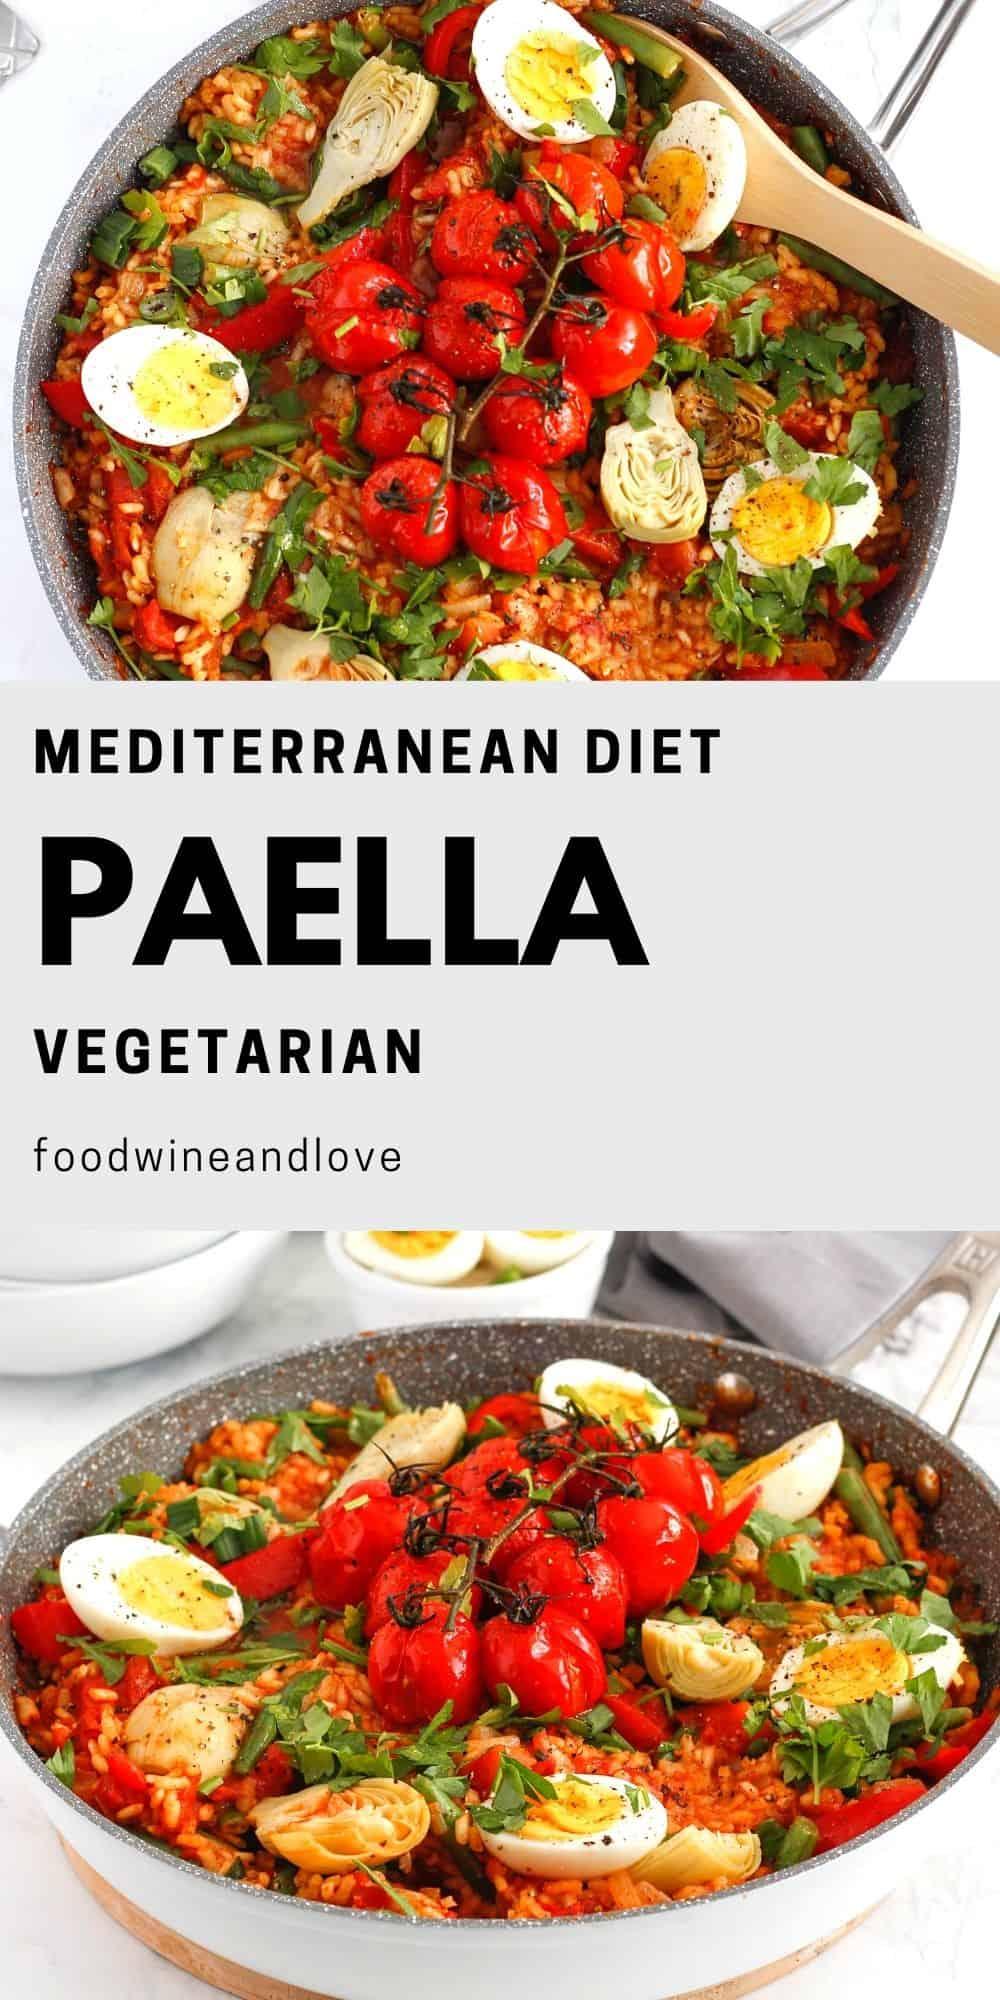 How to Make Vegetarian Paella